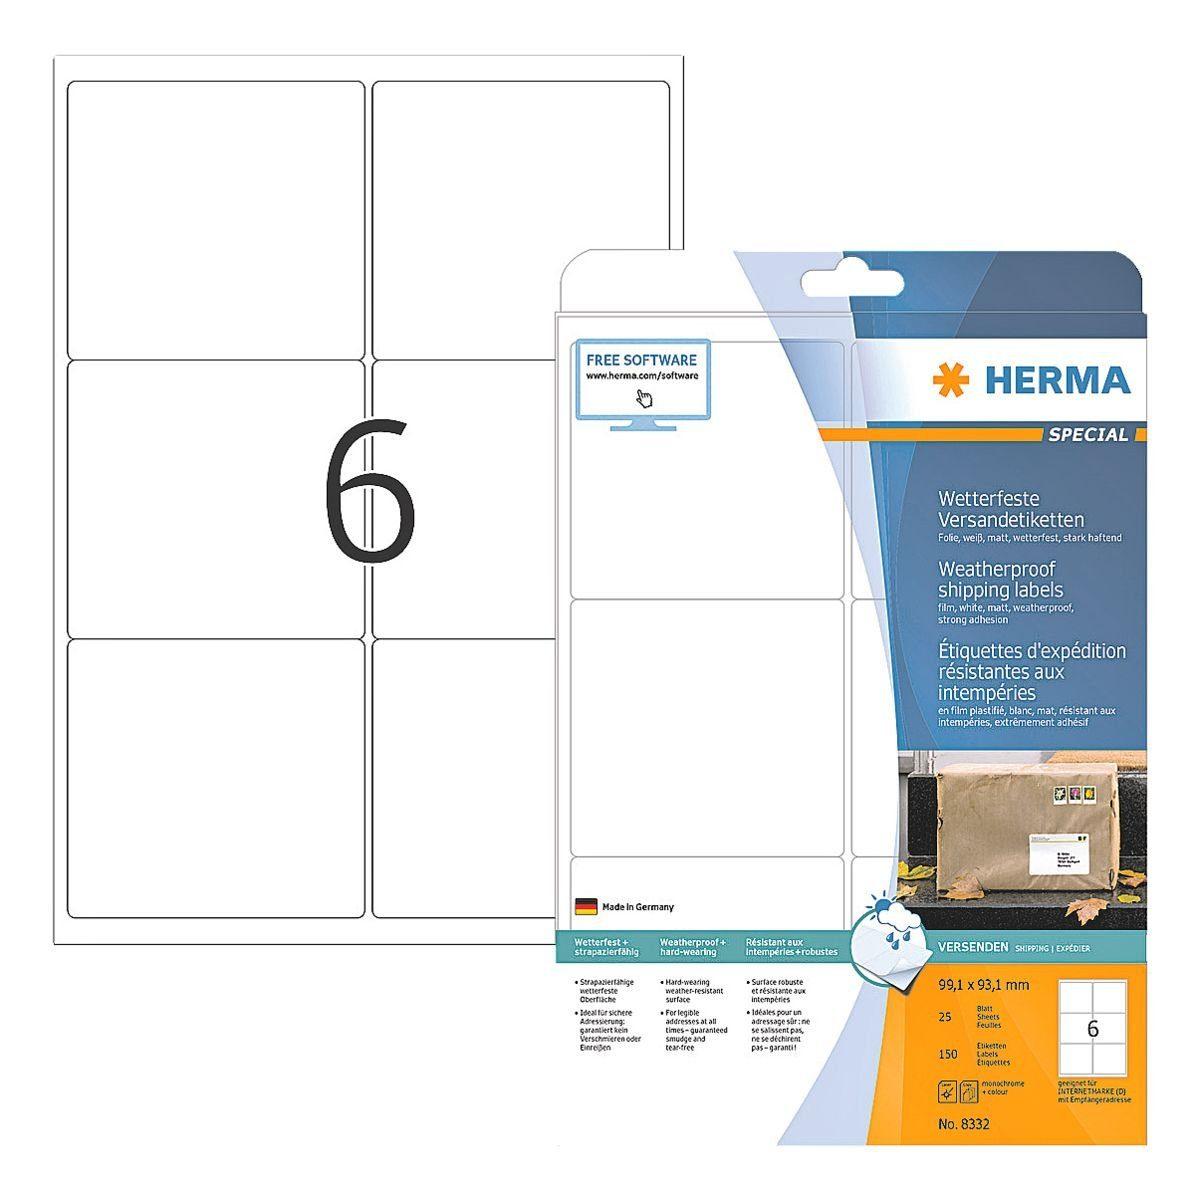 HERMA Versand Folien-Etiketten 150 Stück »Special«